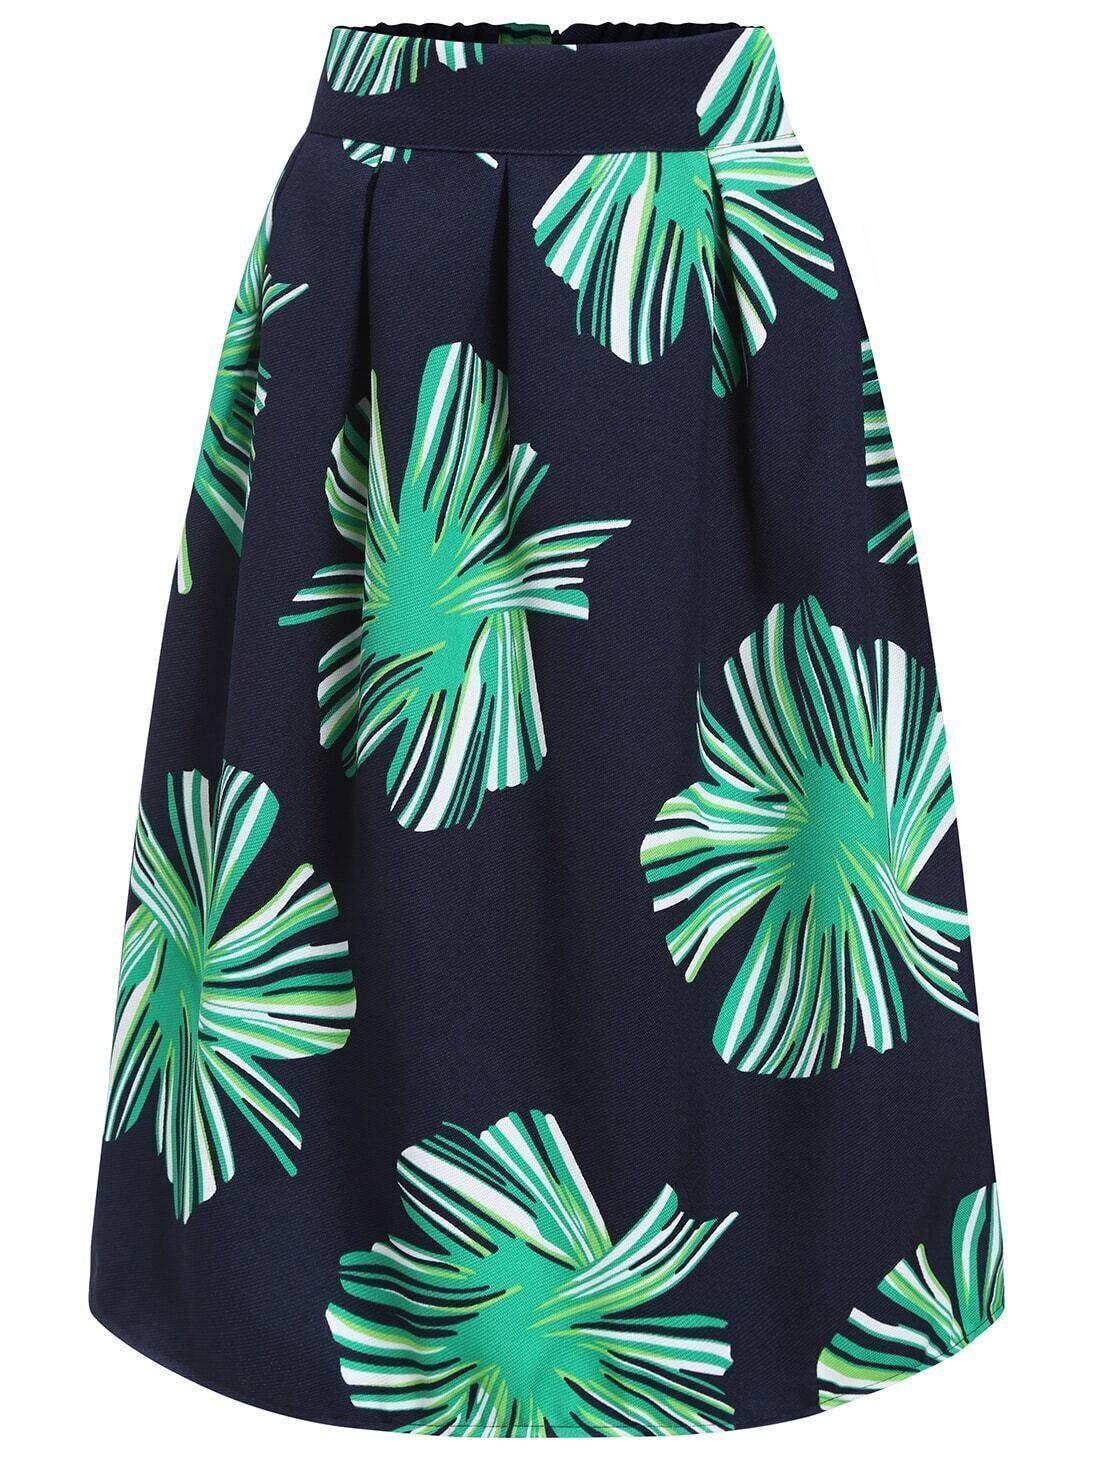 Banana Leaf Skirt 6